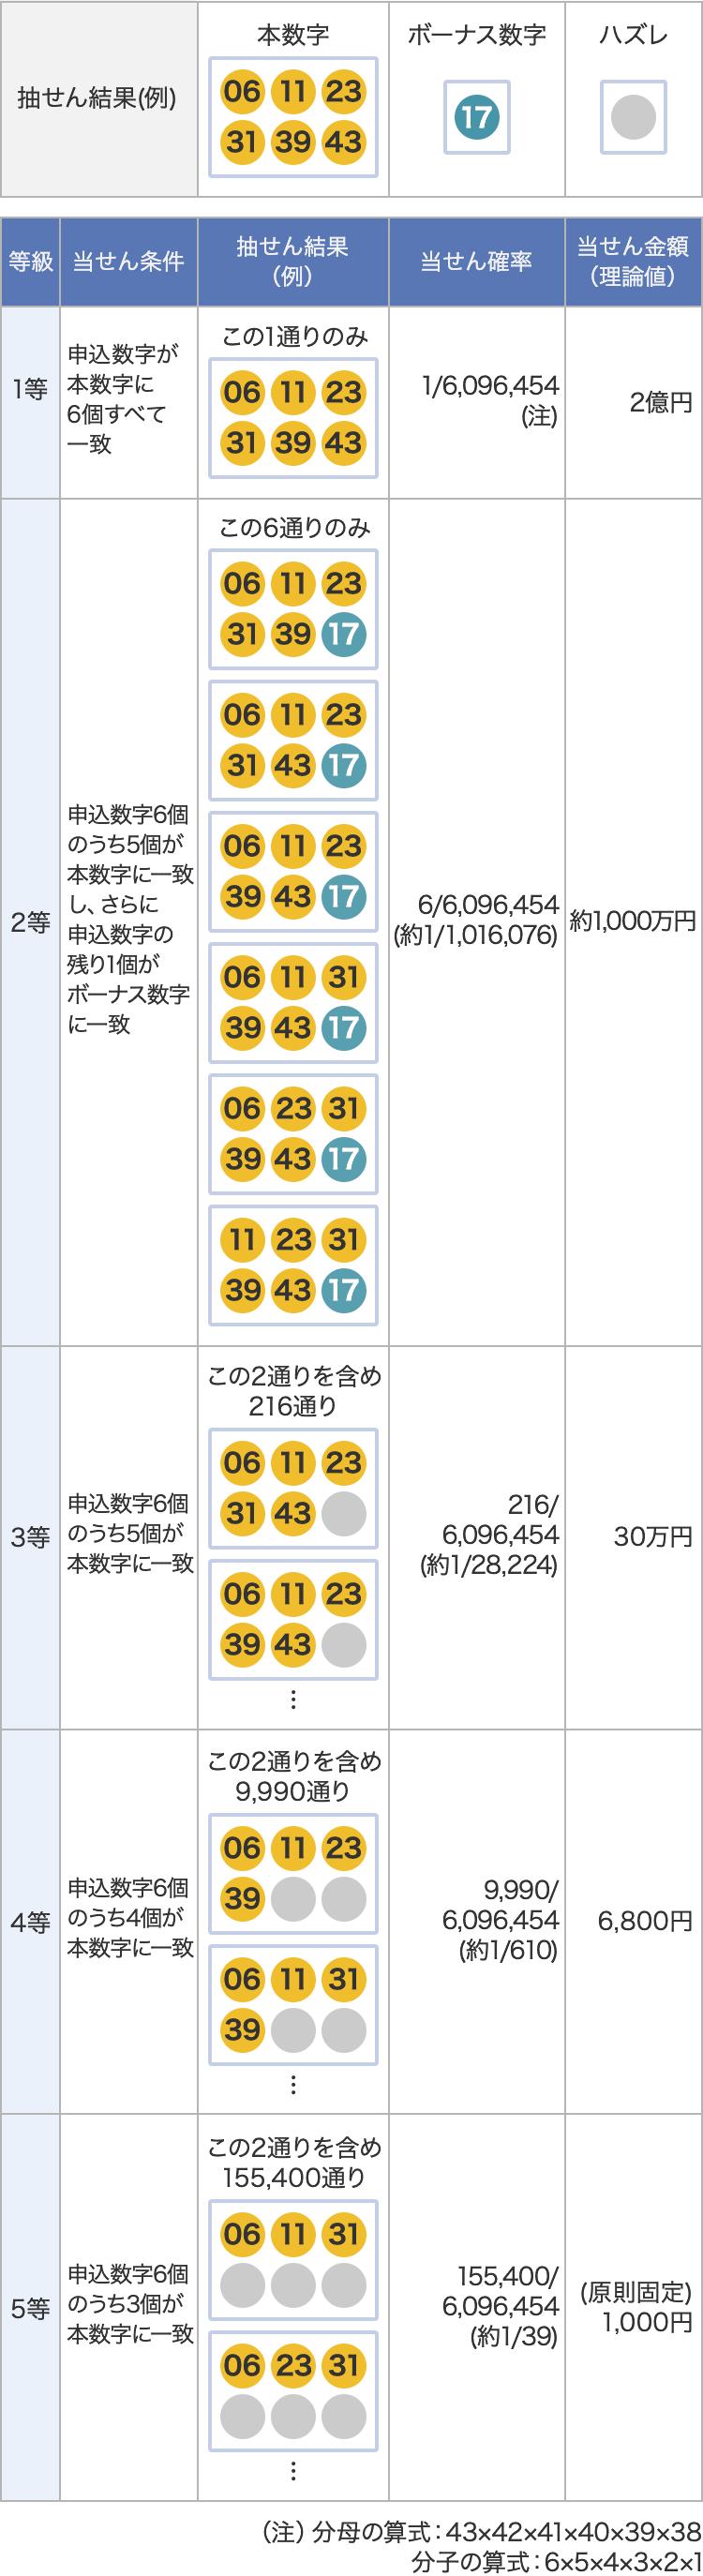 最新 情報 6 ロト ロト6当選数字一覧(最新50回)